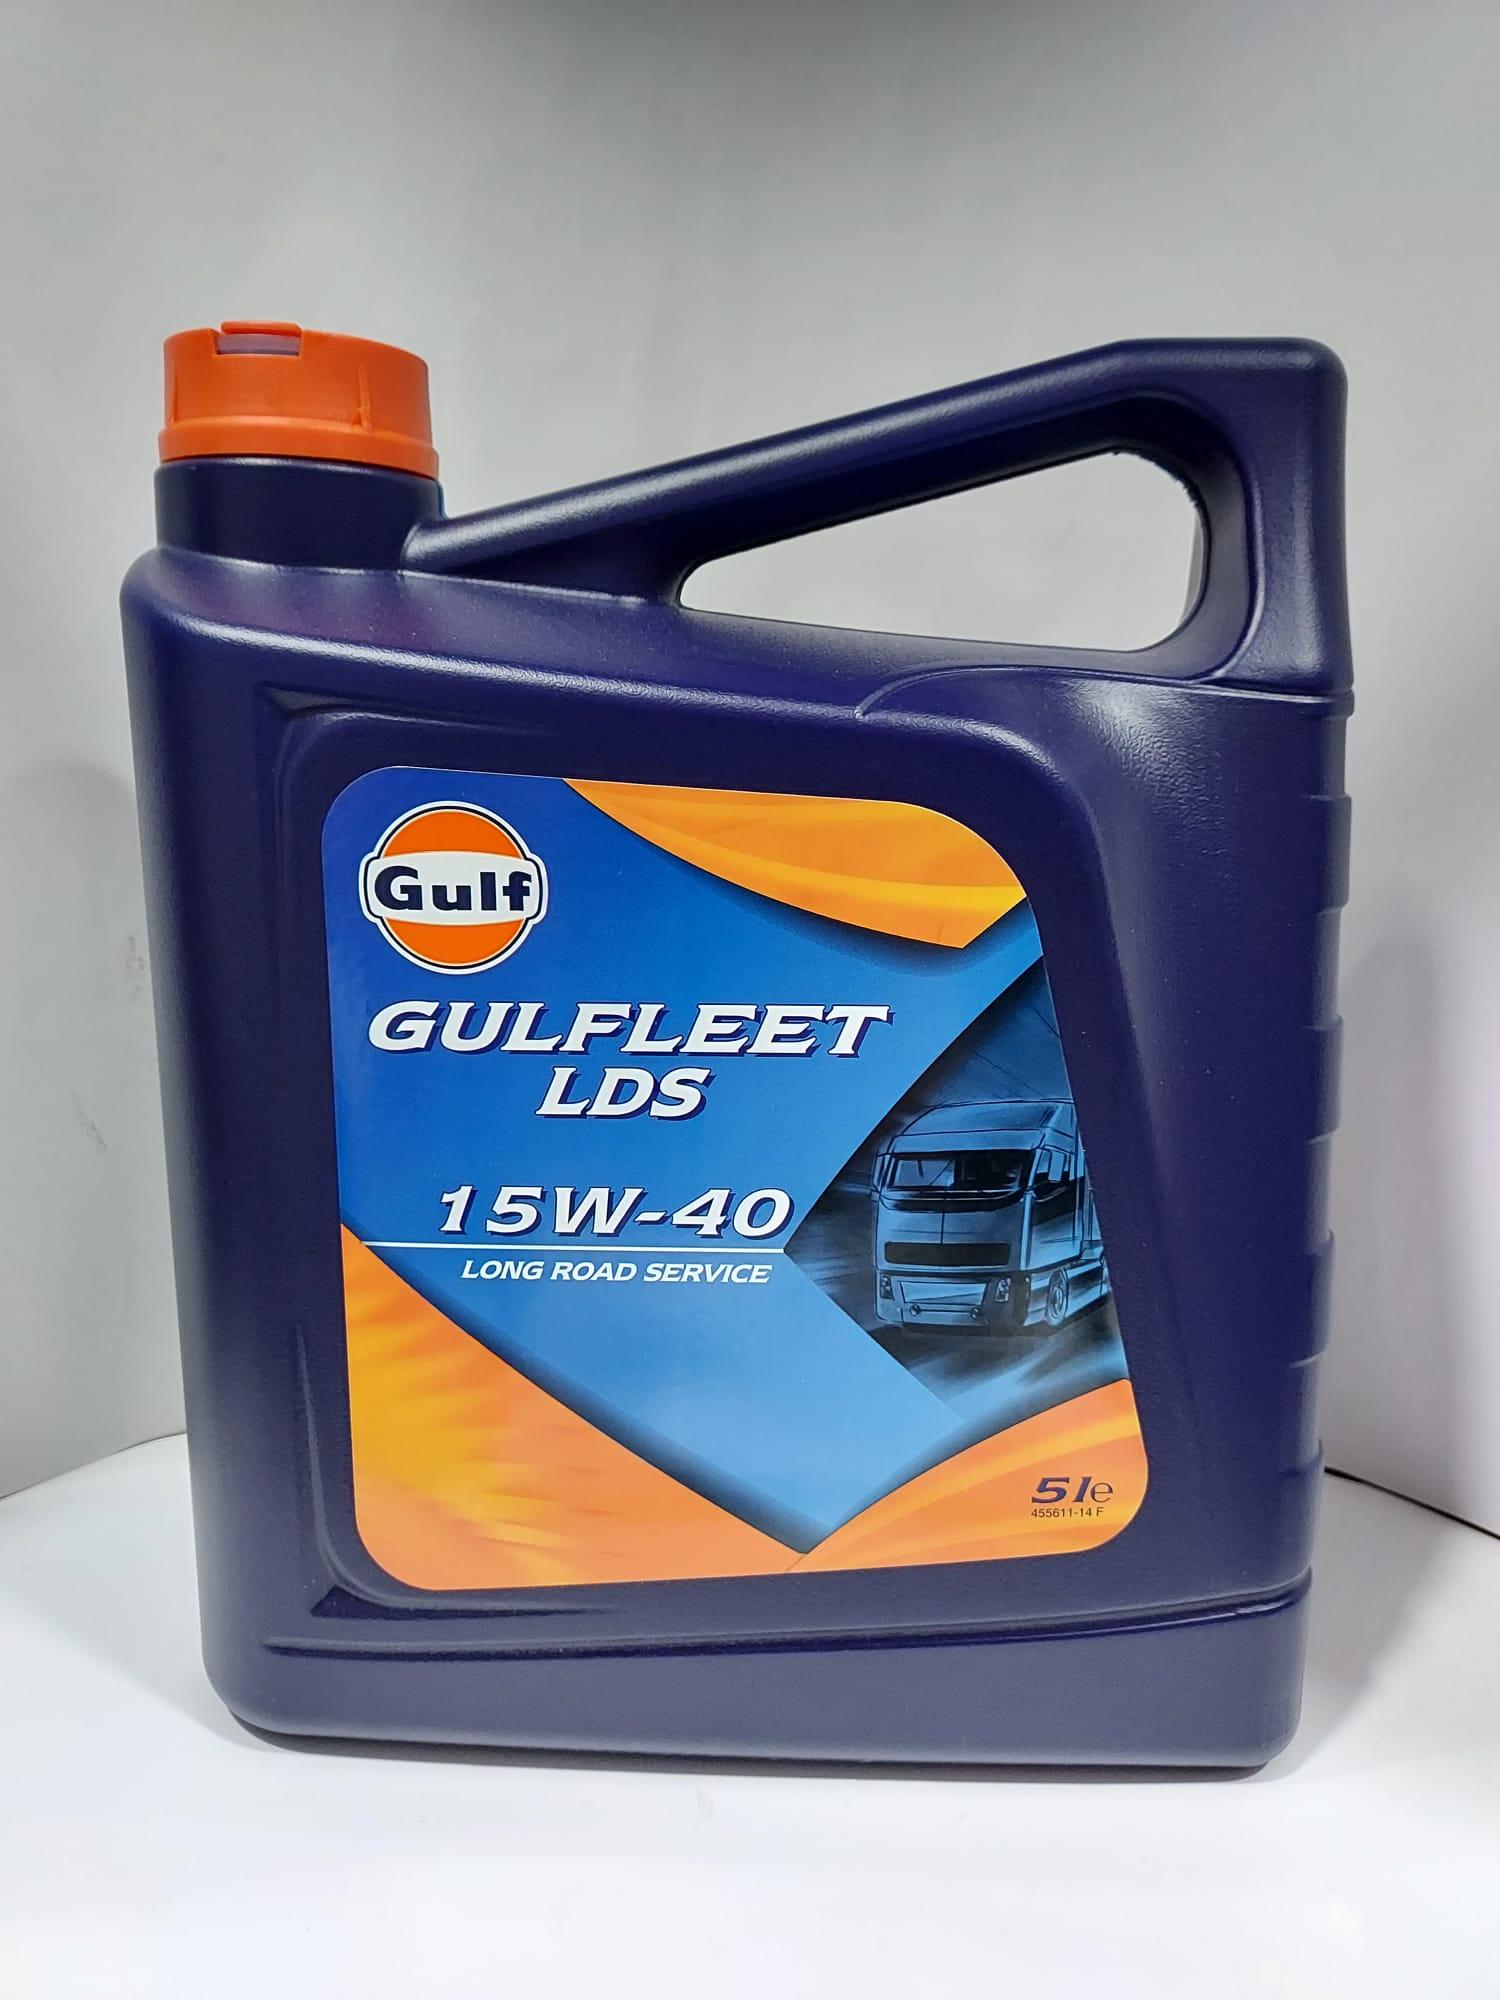 gulf-5l-lds-328363-gulf-fleet-lds-15w40